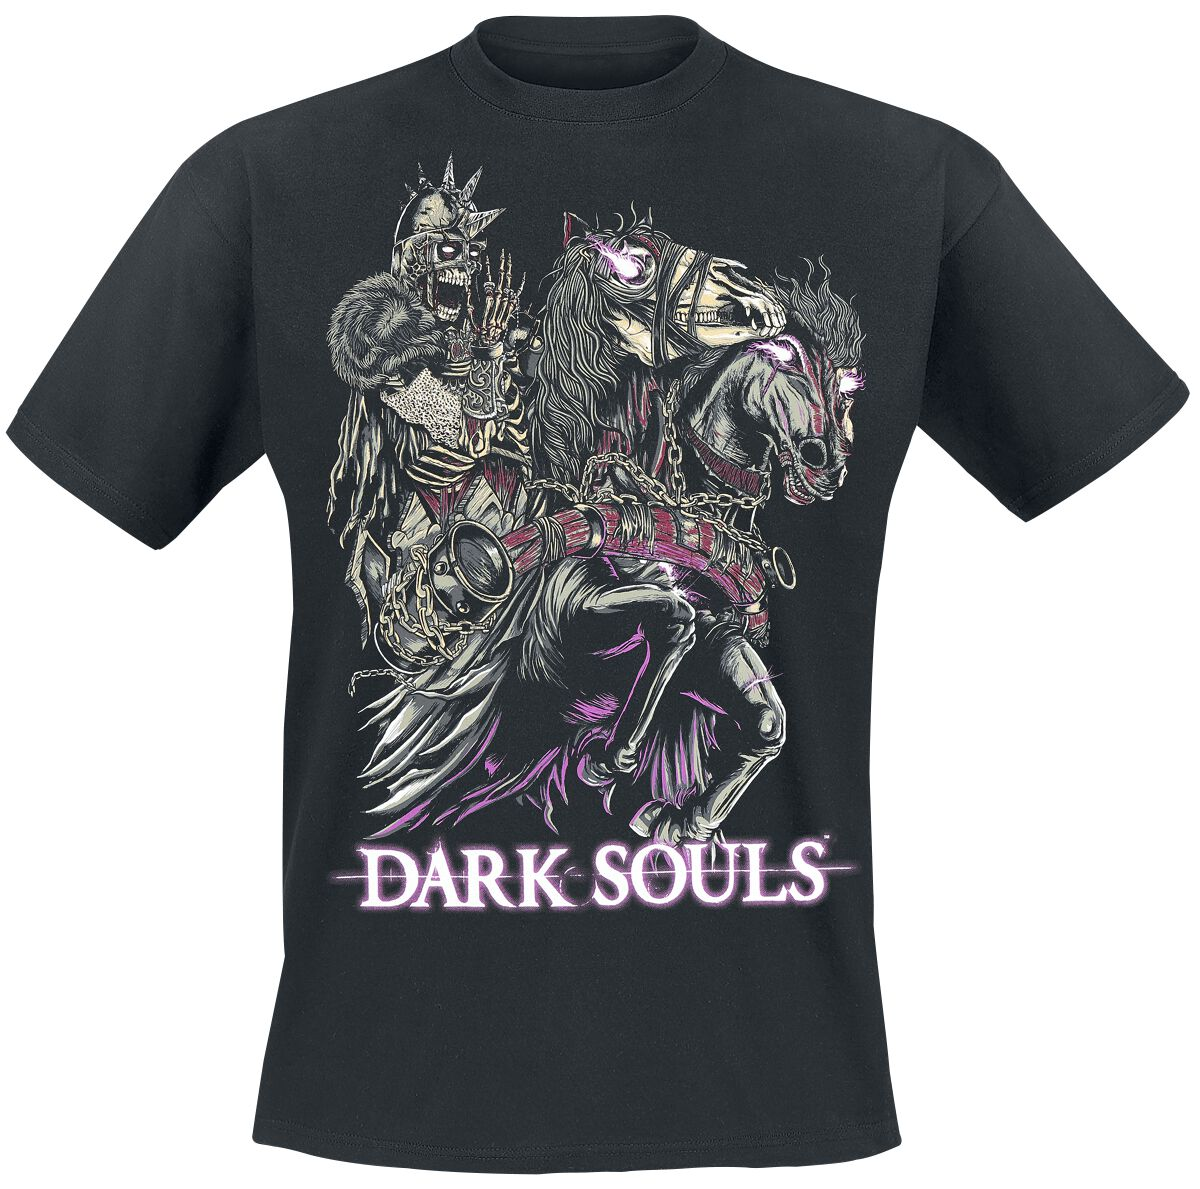 Merch dla Fanów - Koszulki - T-Shirt Dark Souls 3 - Zombie Knight T-Shirt czarny - 355664